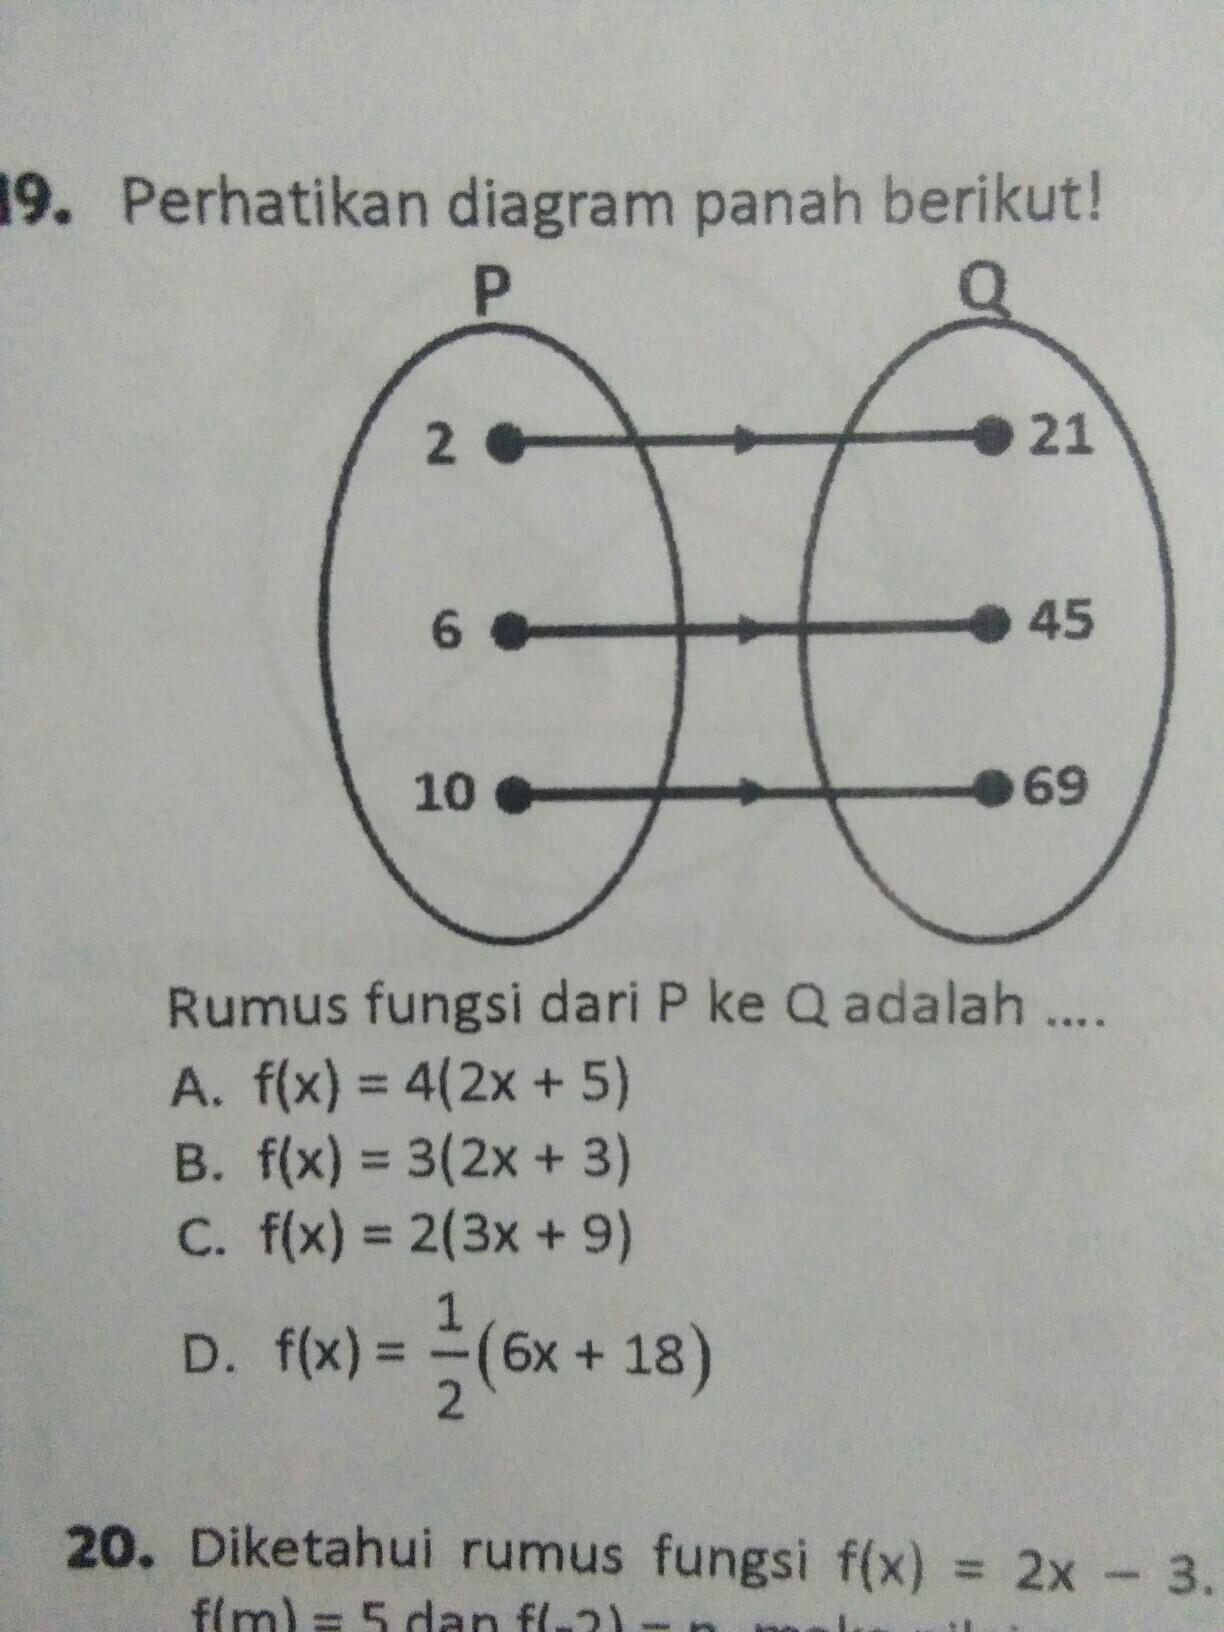 rumus fungsi dari P ke Q adalah - Brainly.co.id